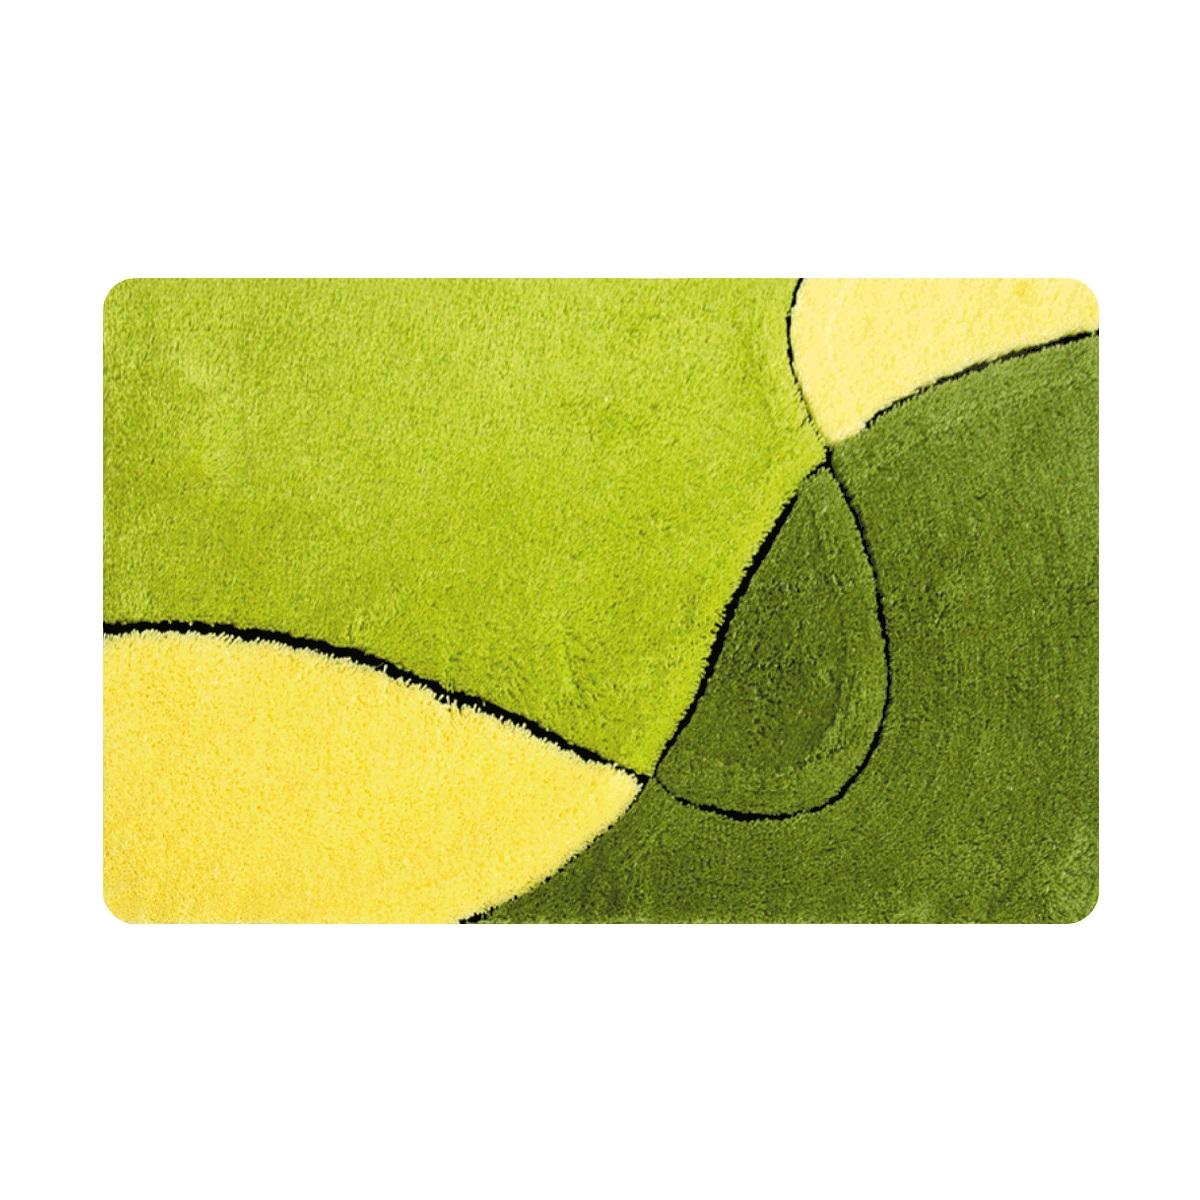 Коврик для ванной Iddis Sunny left, цвет: зеленый, 70 х 120 смMID250A100% Акриловый тканный коврик для ванной комнаты на латексной основе. Высота ворса 2.5см